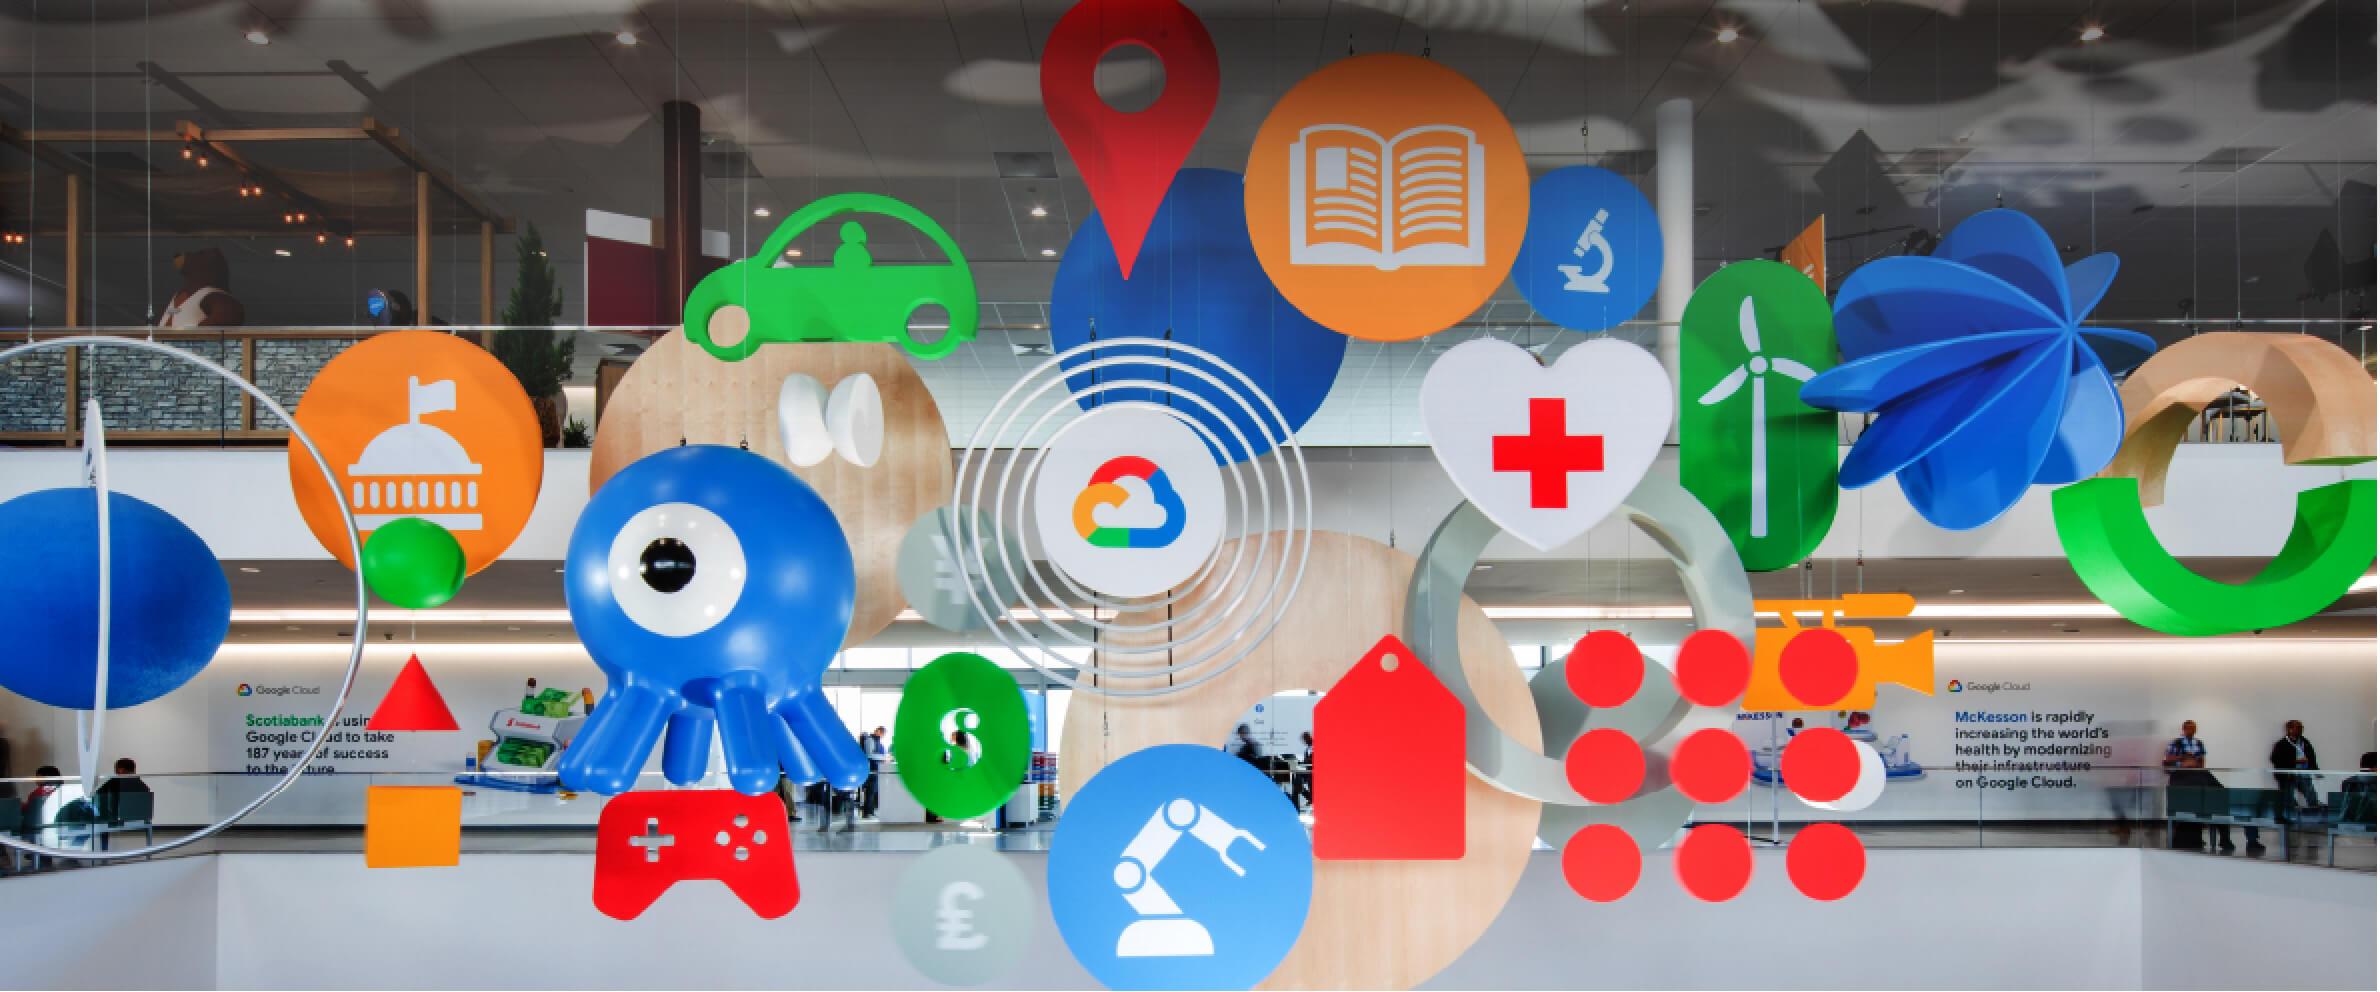 Adiando o Google Cloud Next'20: Conexão Digital